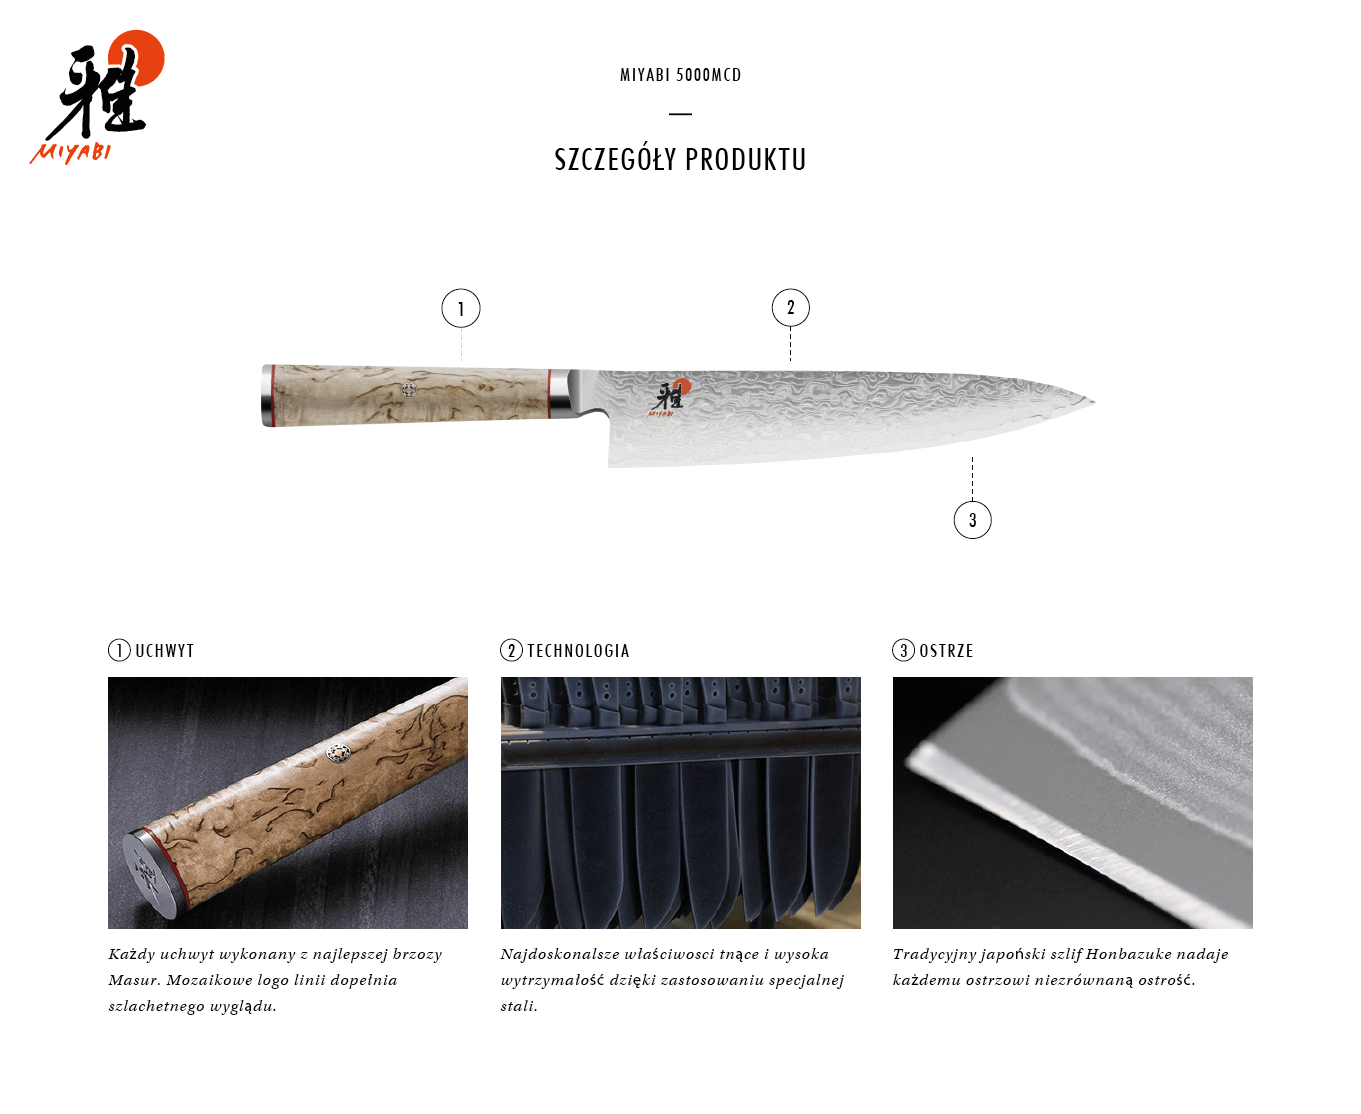 Dlaczego warto kupić nóż Gyutoh Miyabi 5000MCD?